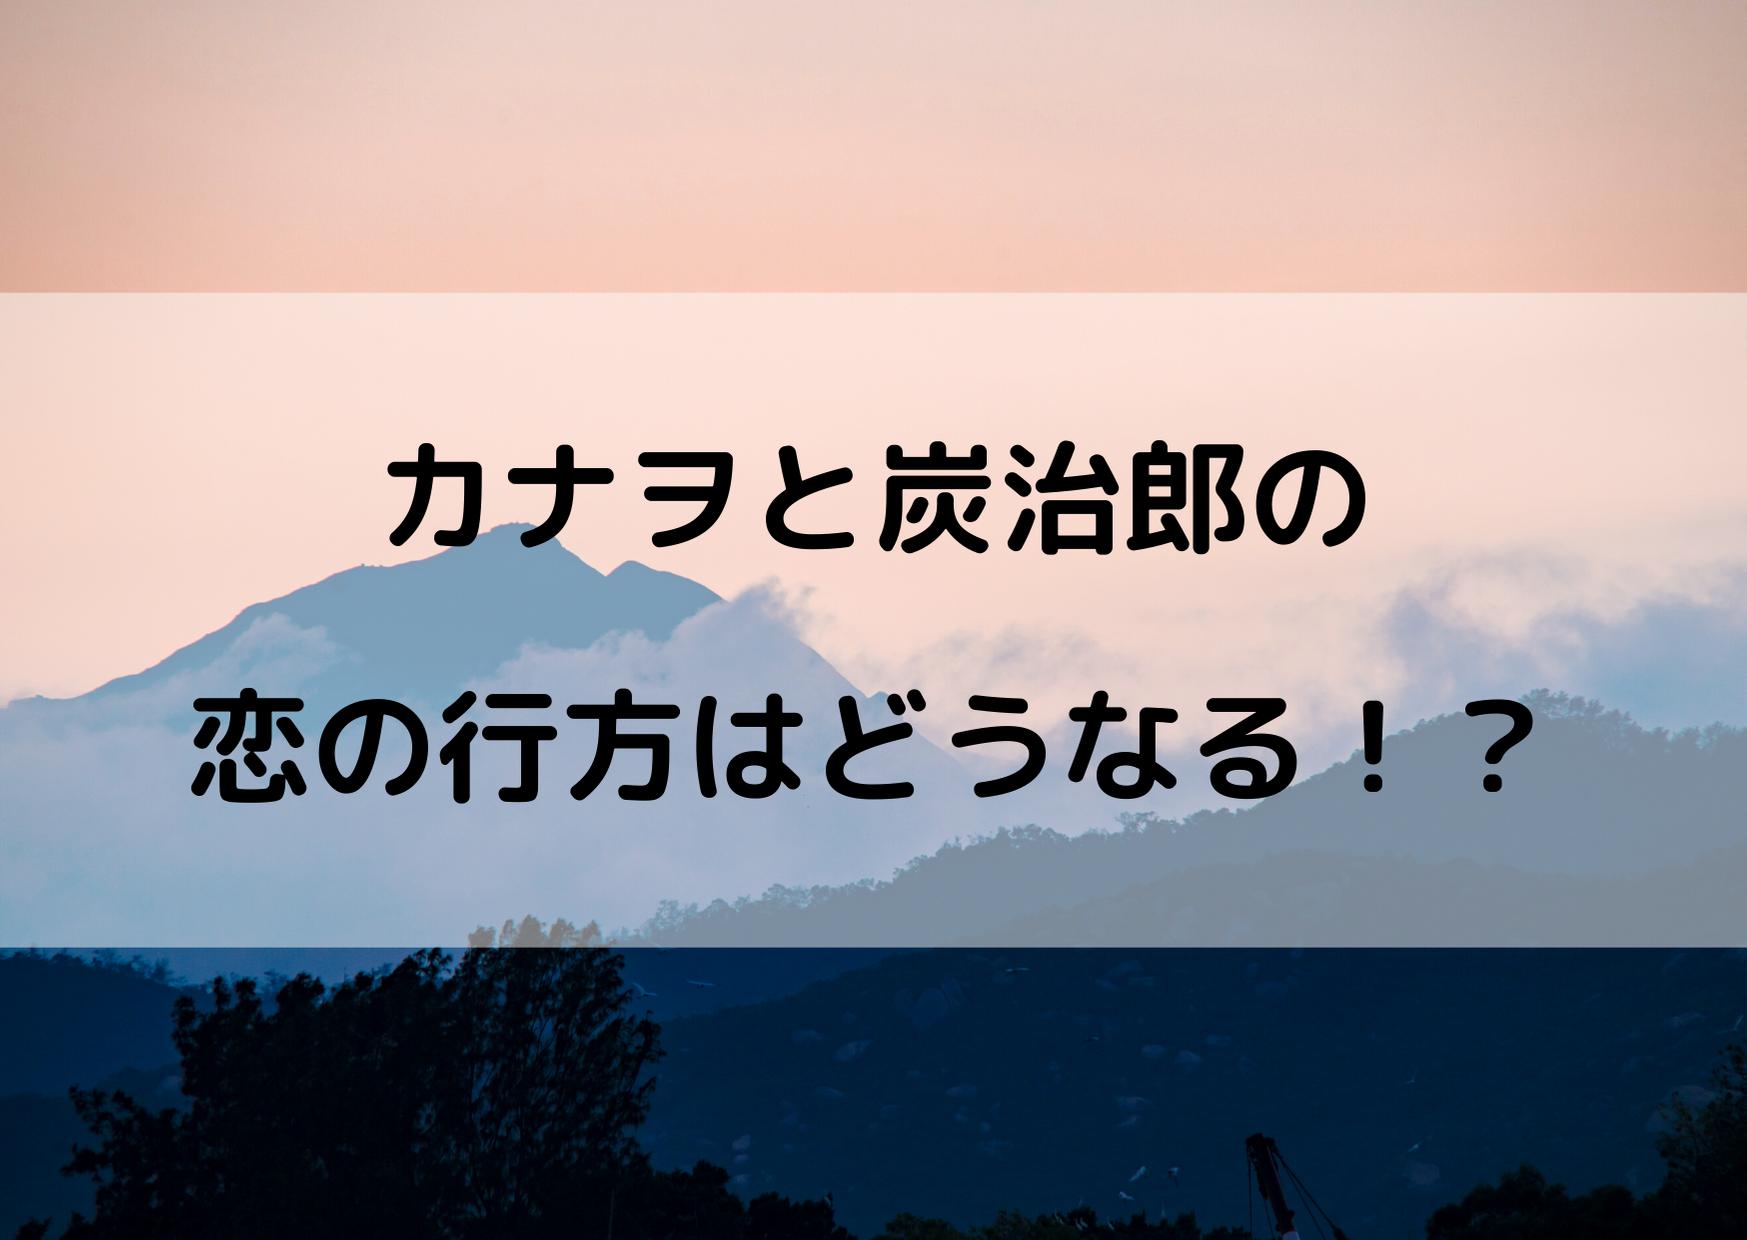 炭治郎 鬼滅の刃 カナヲ